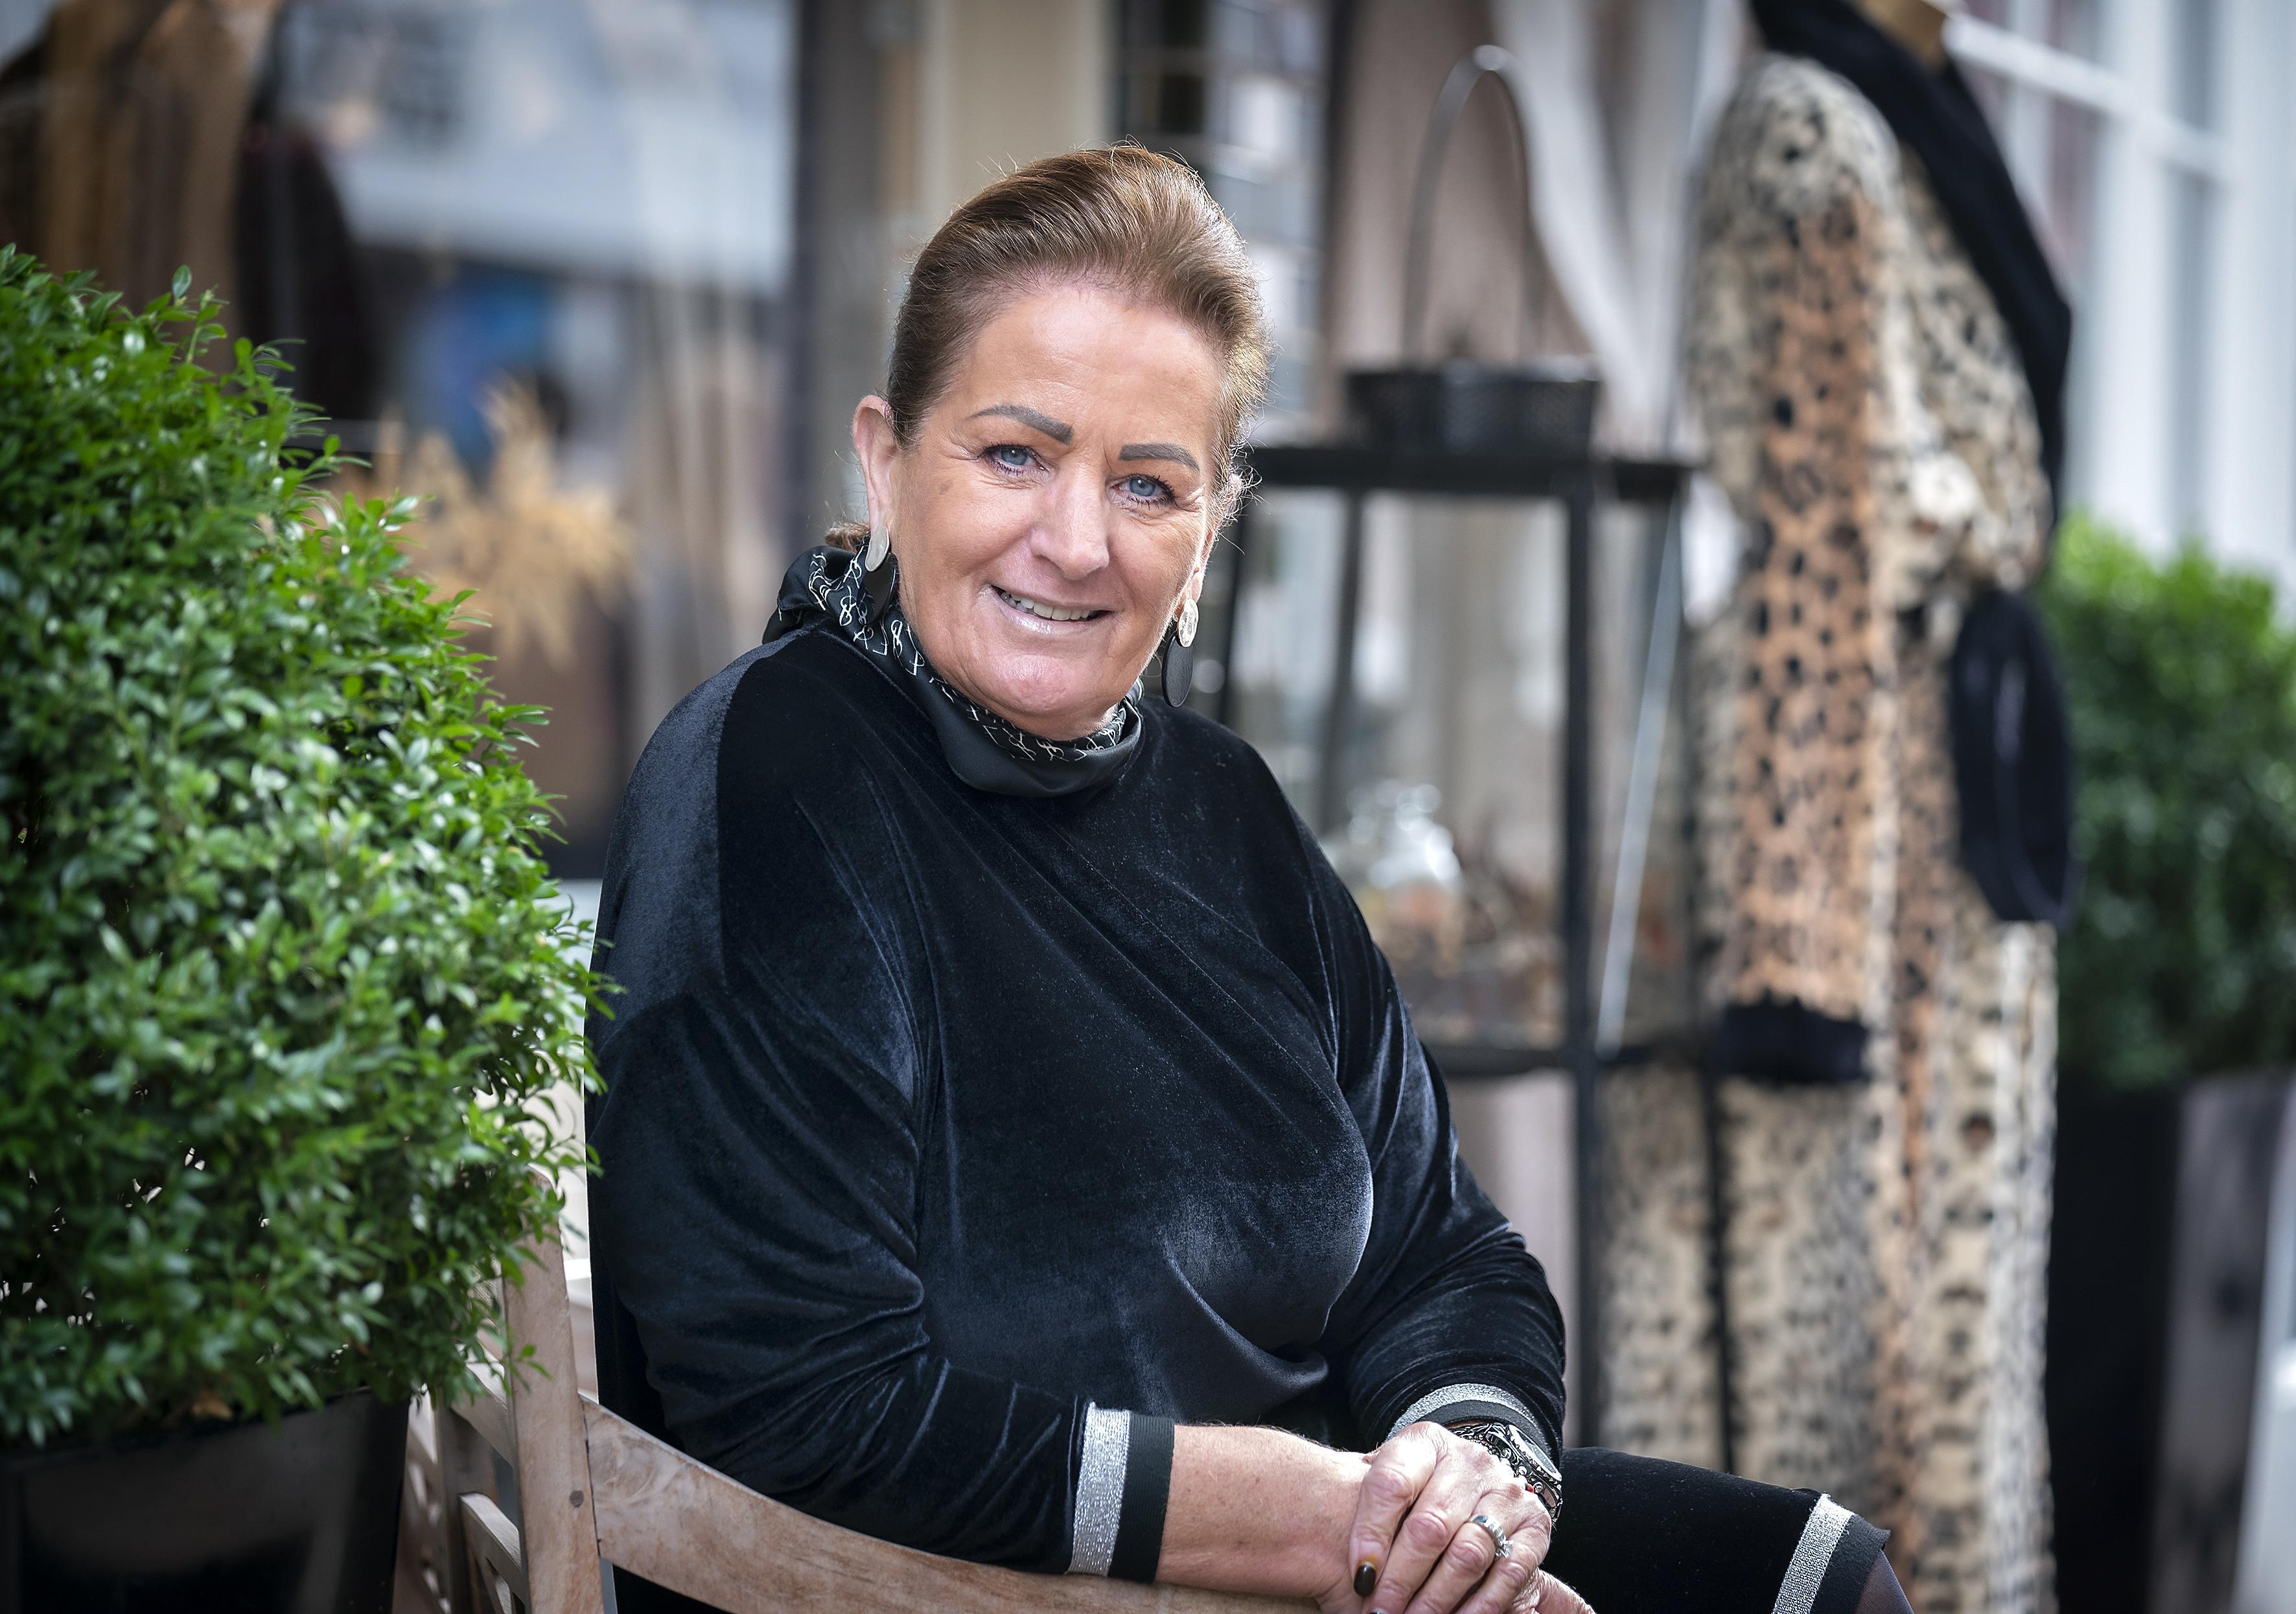 Eigenares lingeriezaak Nencies over overleven in coronatijd: 'Ga die winkelstraat in. Voorkom dat Haarlem een spookstad wordt'